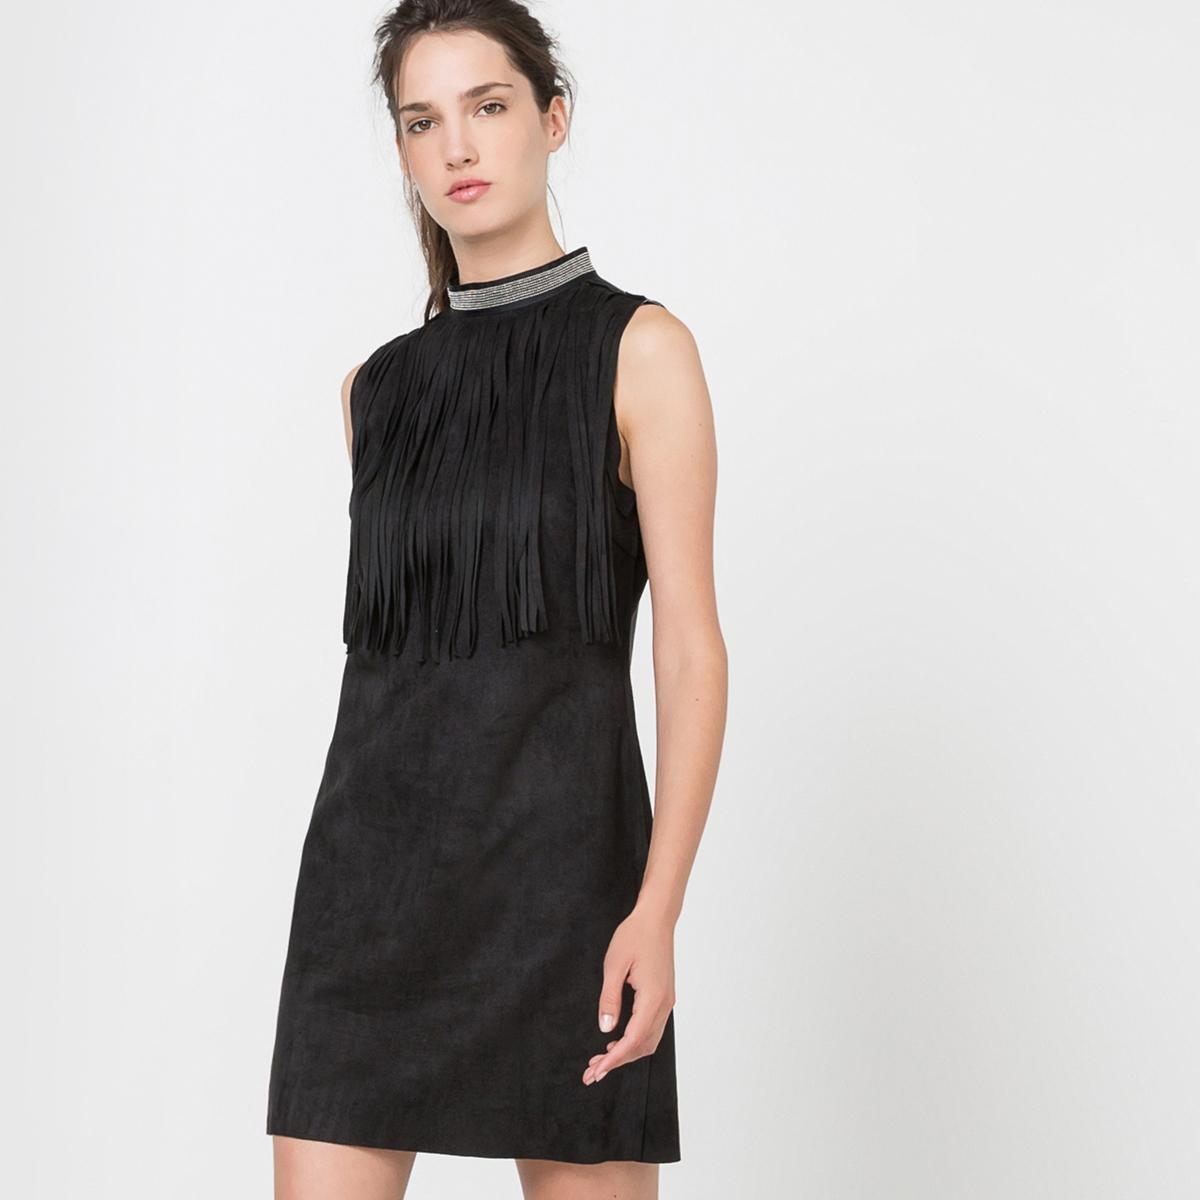 Платье без рукавовСостав и описаниеМатериал: 100% полиэстер.Марка: MOLLY BRACKEN.УходСтирать при 30°C с вещамиподобныхцветов.Стирать и гладить с изнанки.<br><br>Цвет: черный<br>Размер: XS